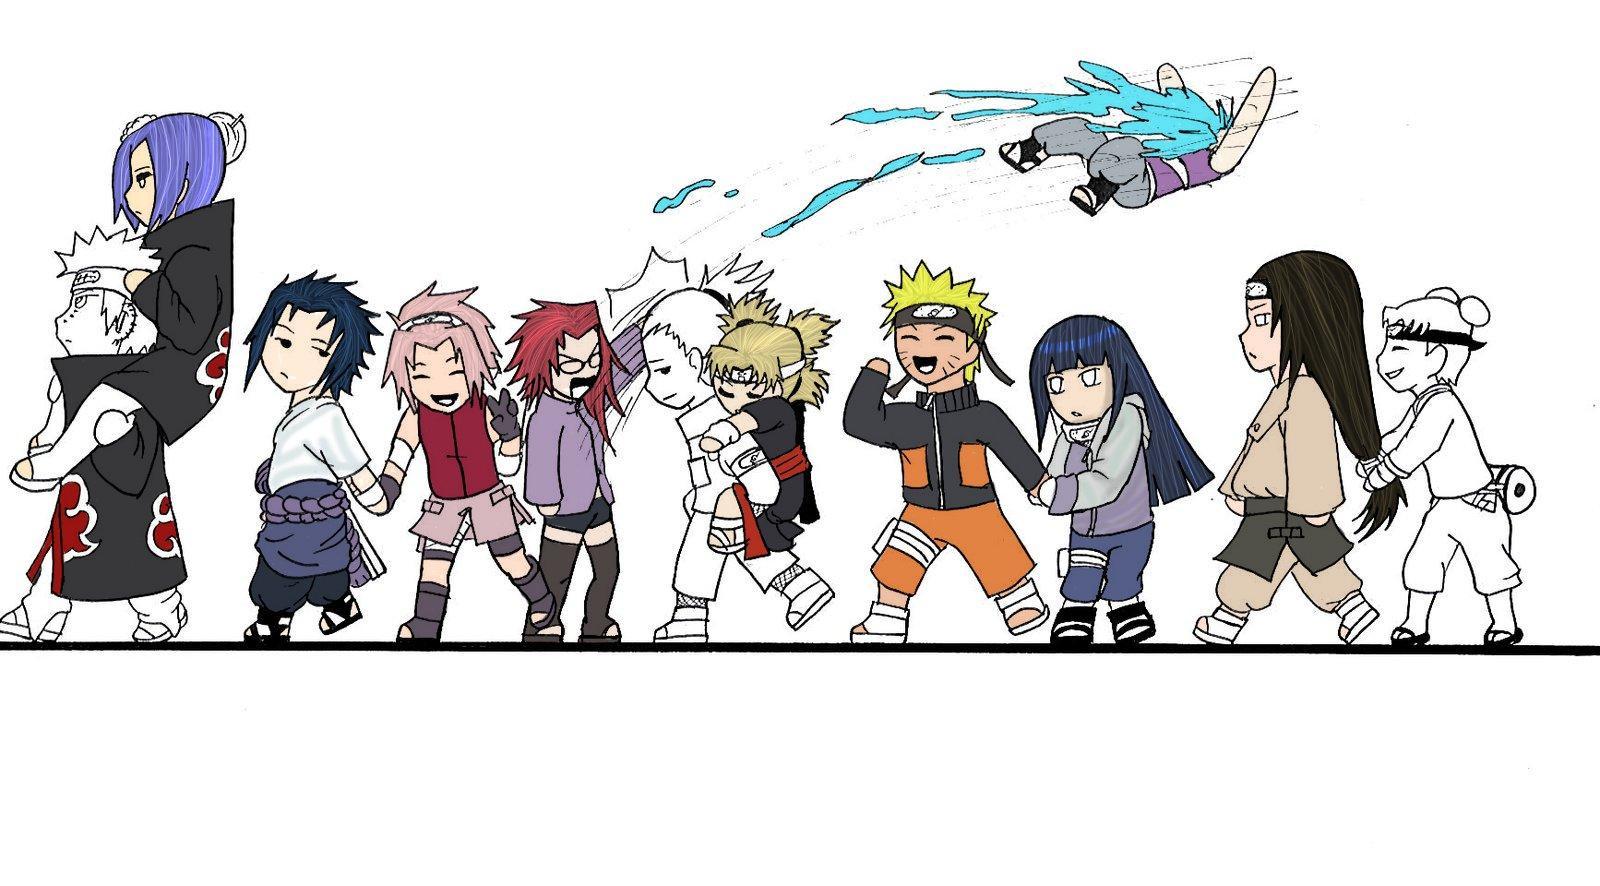 Naruto The Way Of Naruto Colo Naruto Chibi Sasuke Sakura